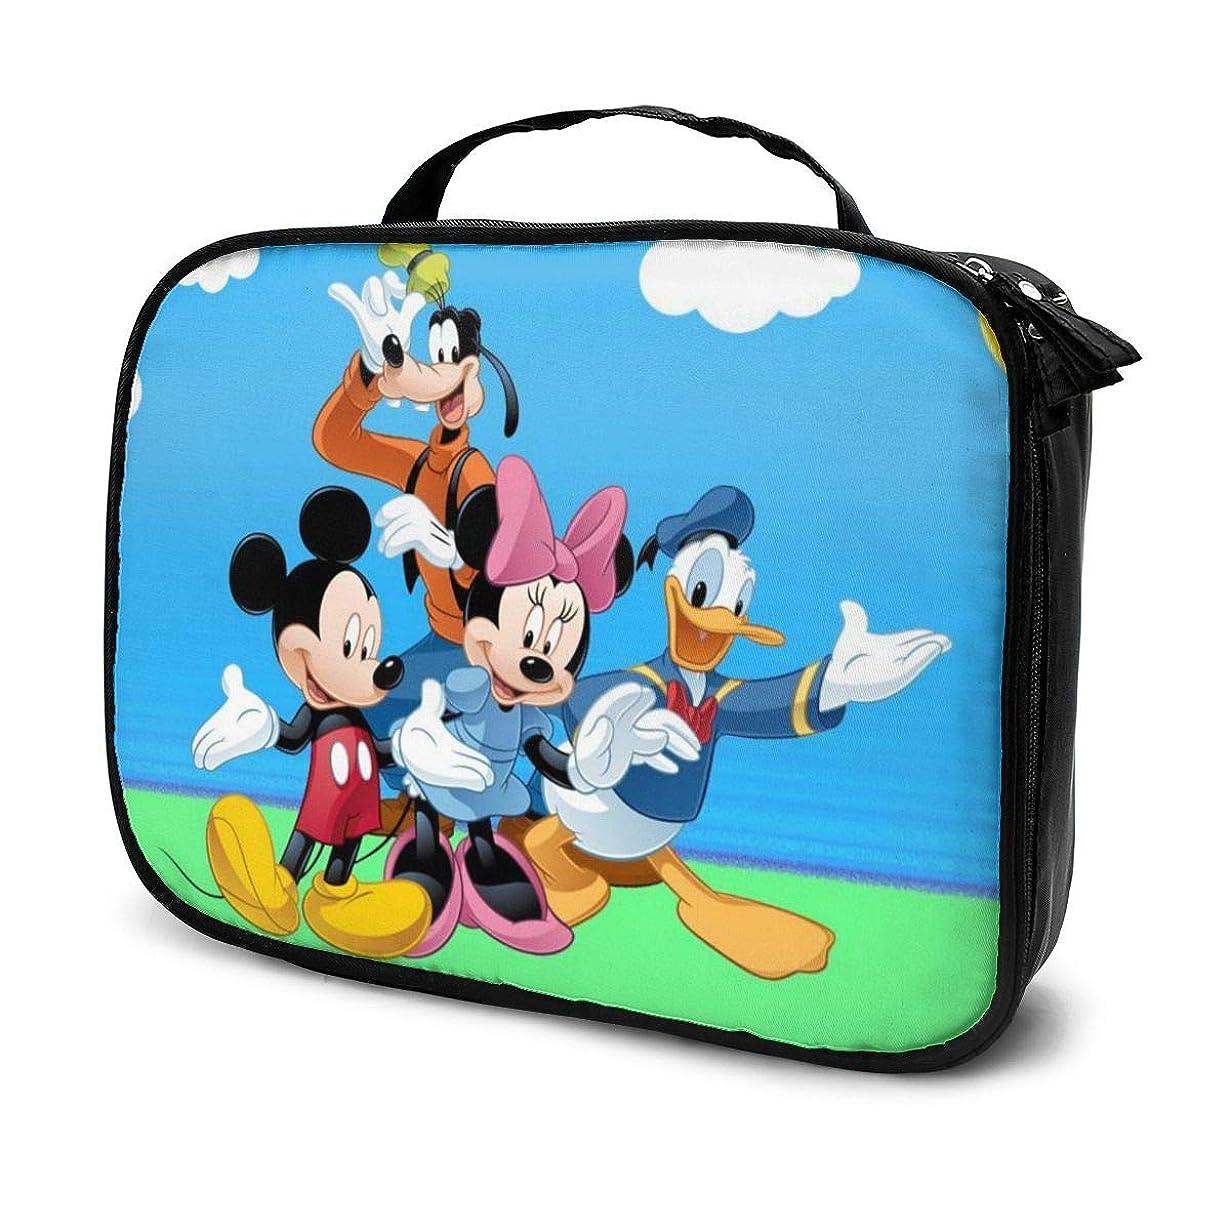 農業苦難等しいDaituドナルドダックミッキーマウスとグーフィー 化粧品袋の女性旅行バッグ収納大容量防水アクセサリー旅行